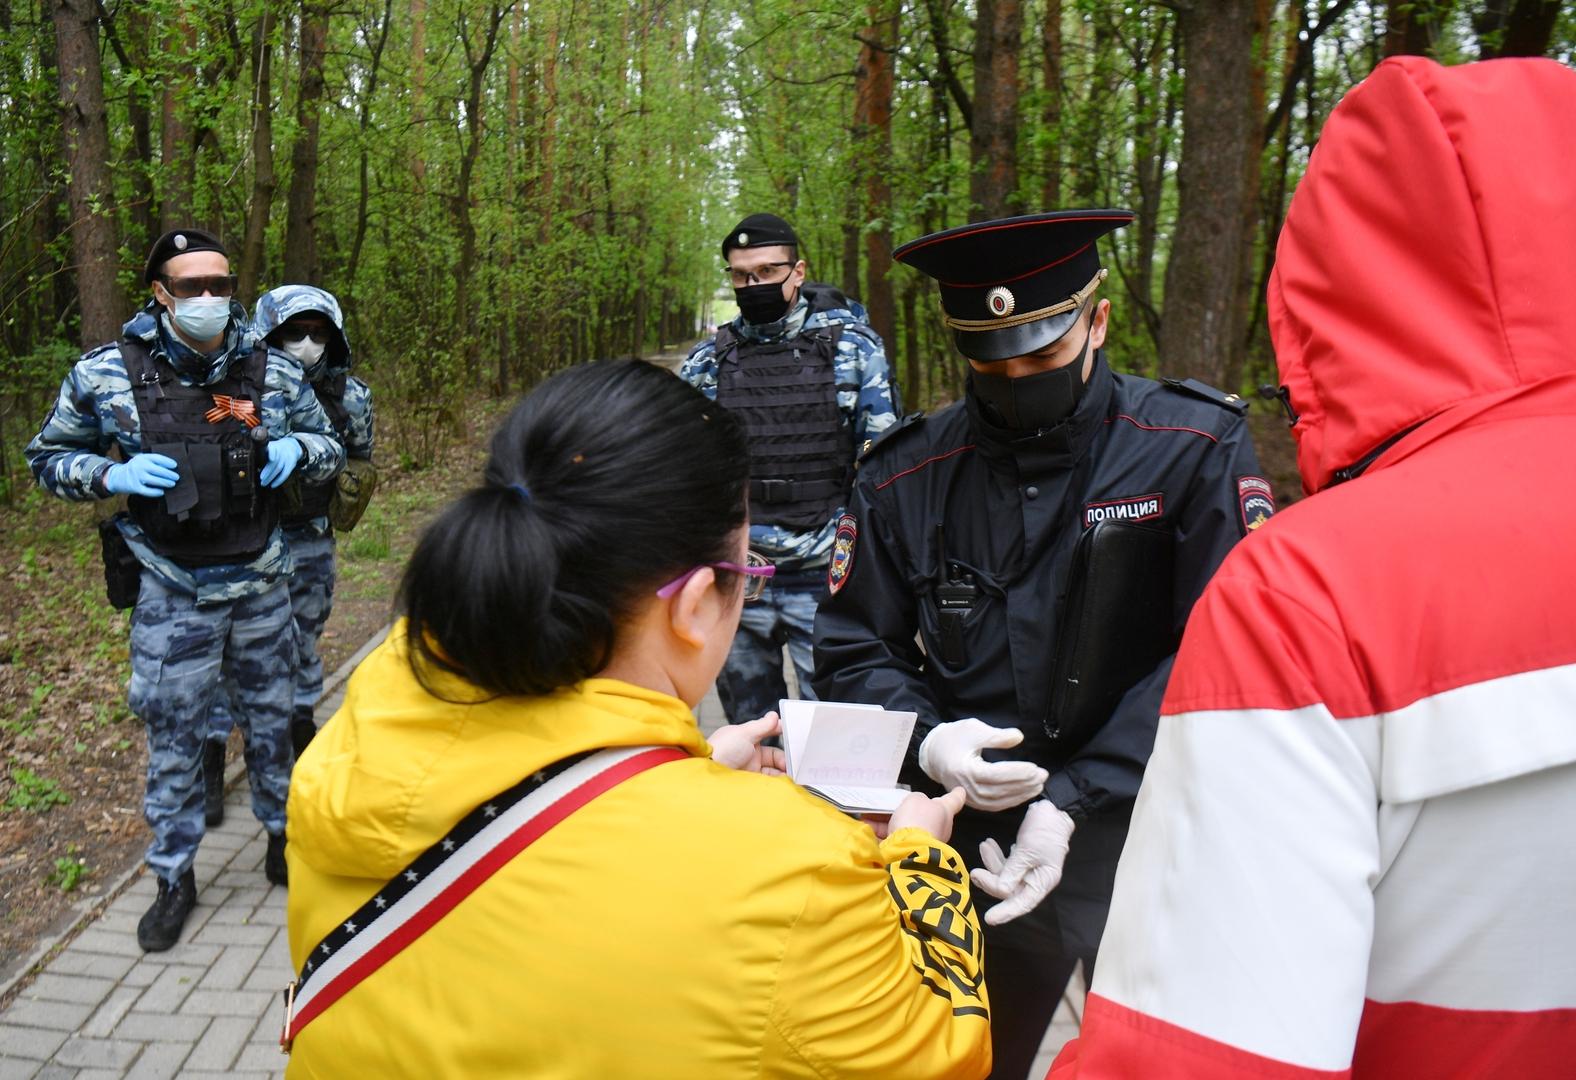 هروب مصابة بكورونا بعد تسلقها جدار المستشفى الخرساني في روسيا